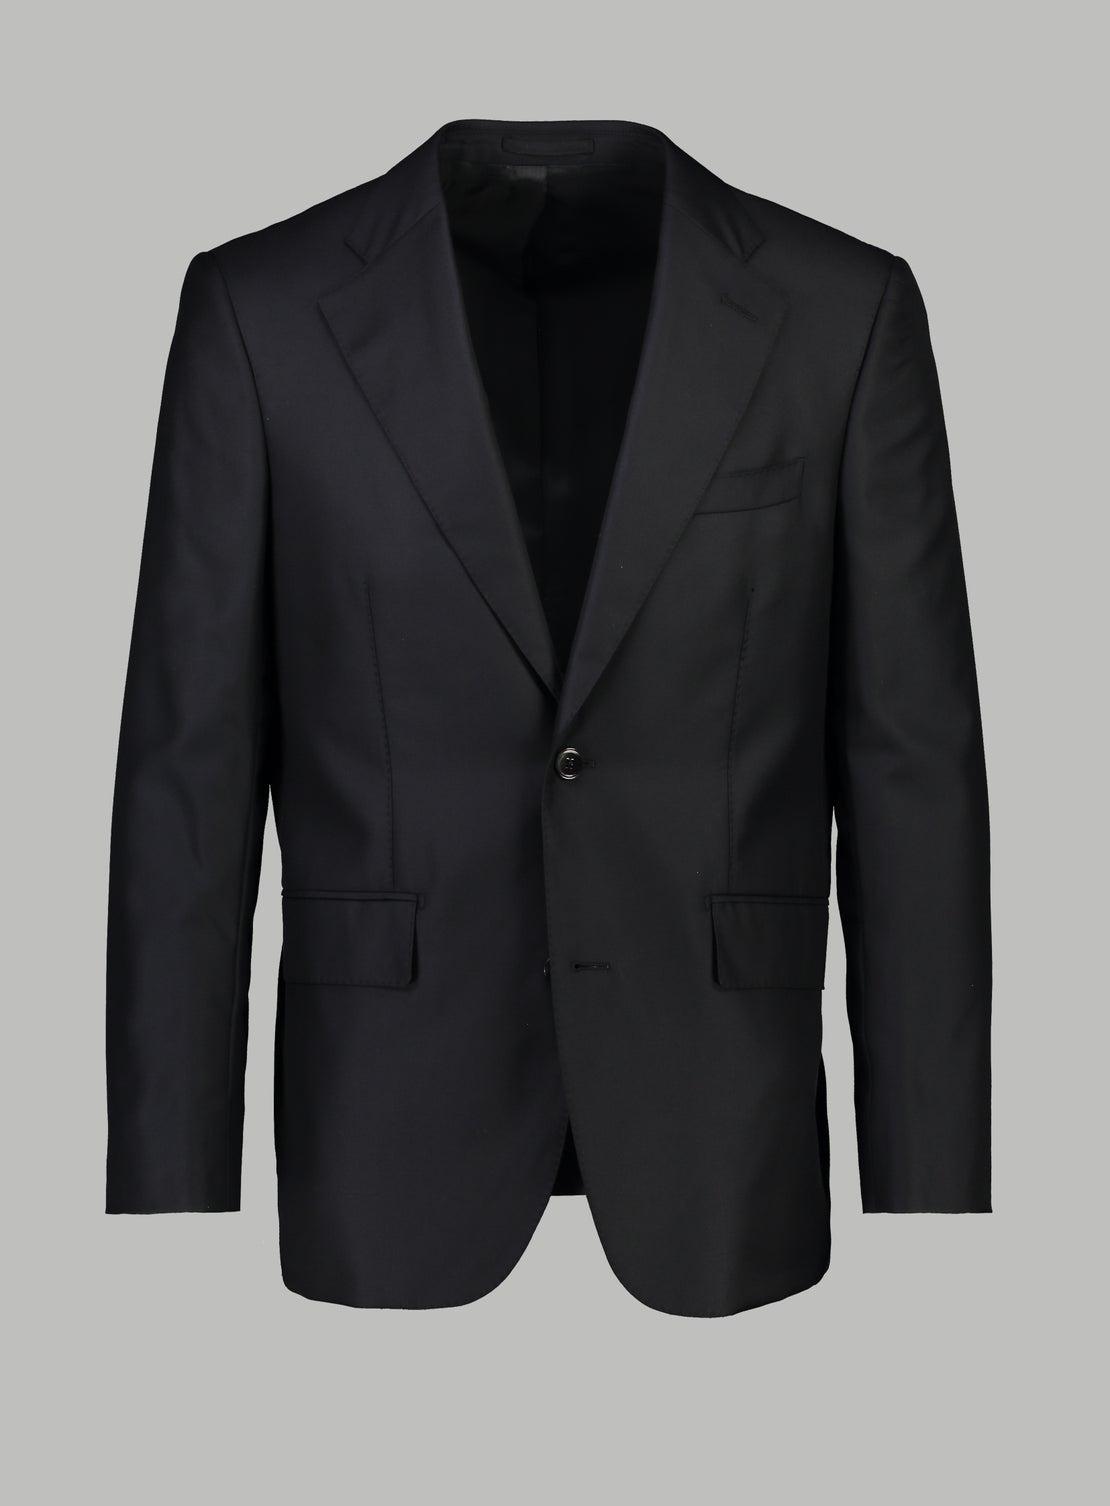 Luxury Silk/Wool Black Suit